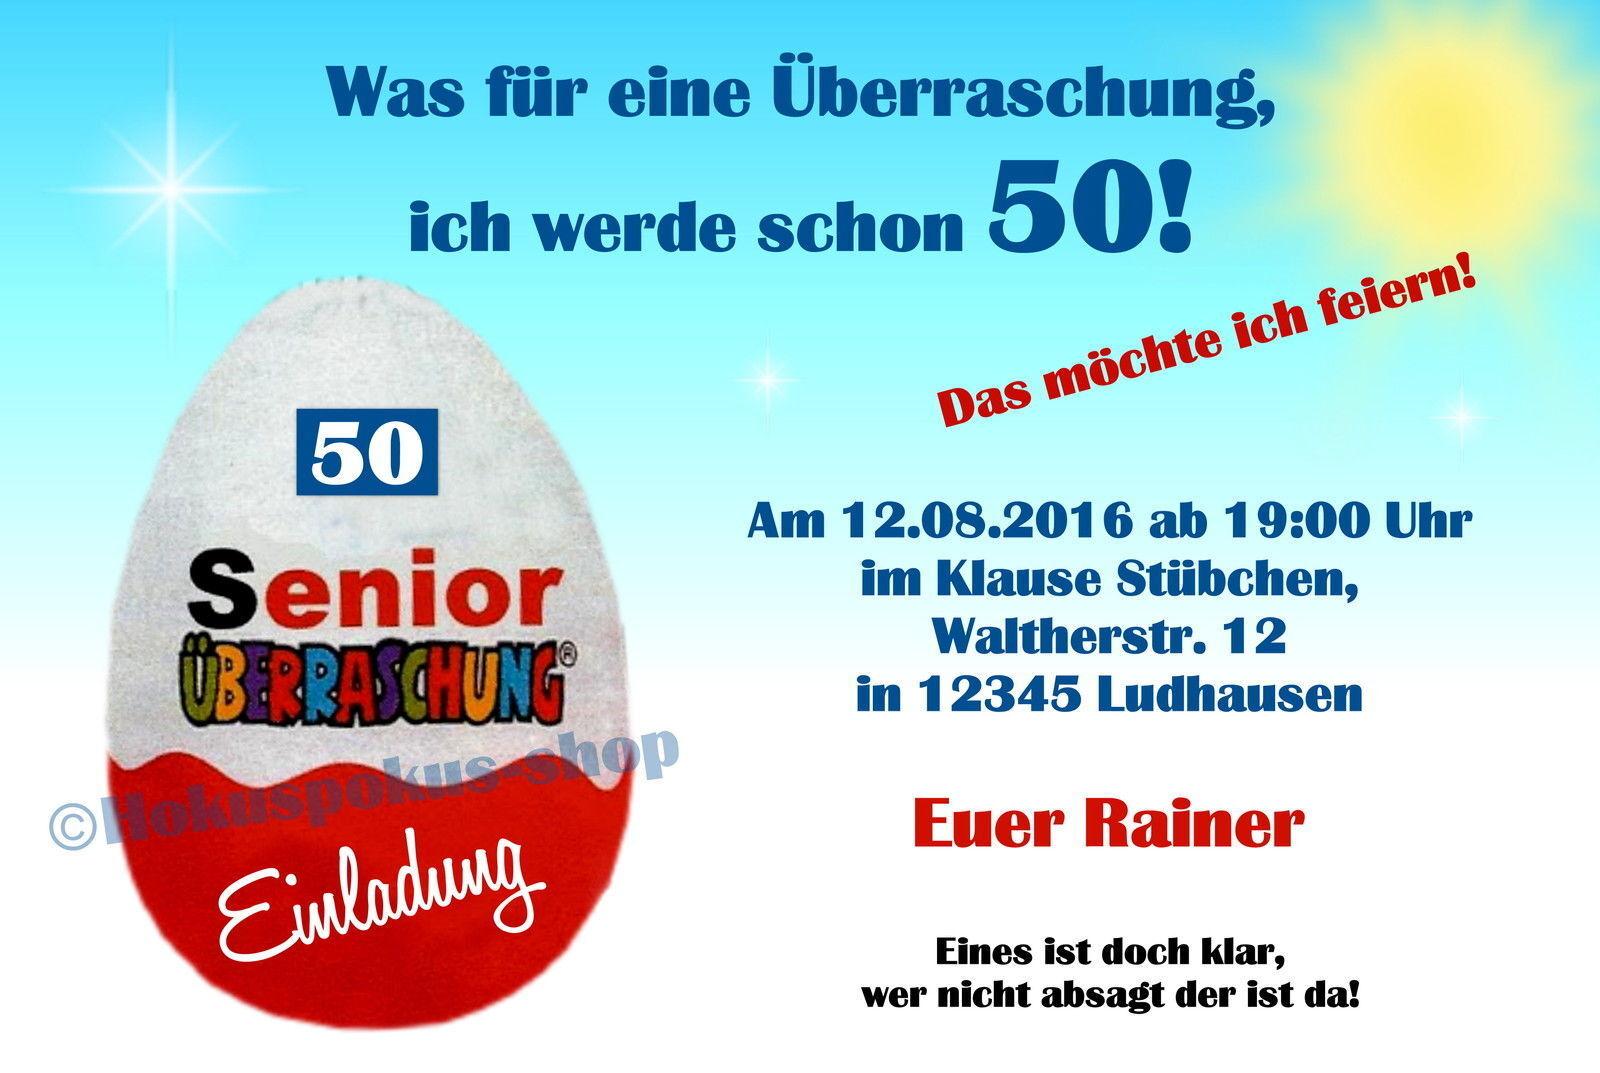 20 invito diverdeenti carte compleanno inviti ogni età possibile possibile possibile PARTY 251f37